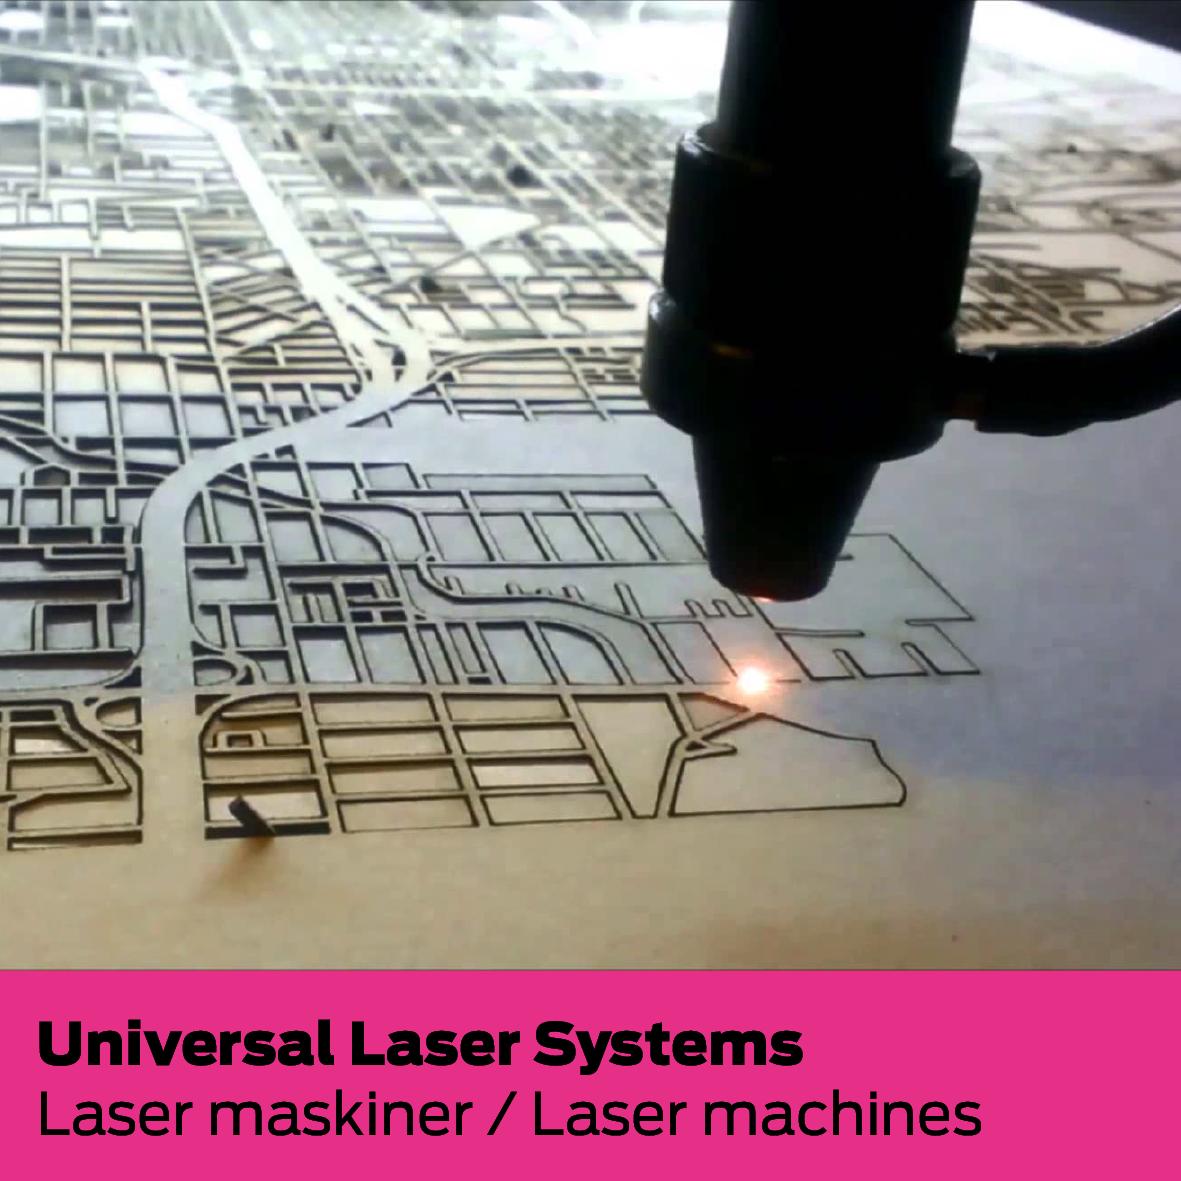 Universal Laser Systems (DK): Laser maskiner / Laser machines